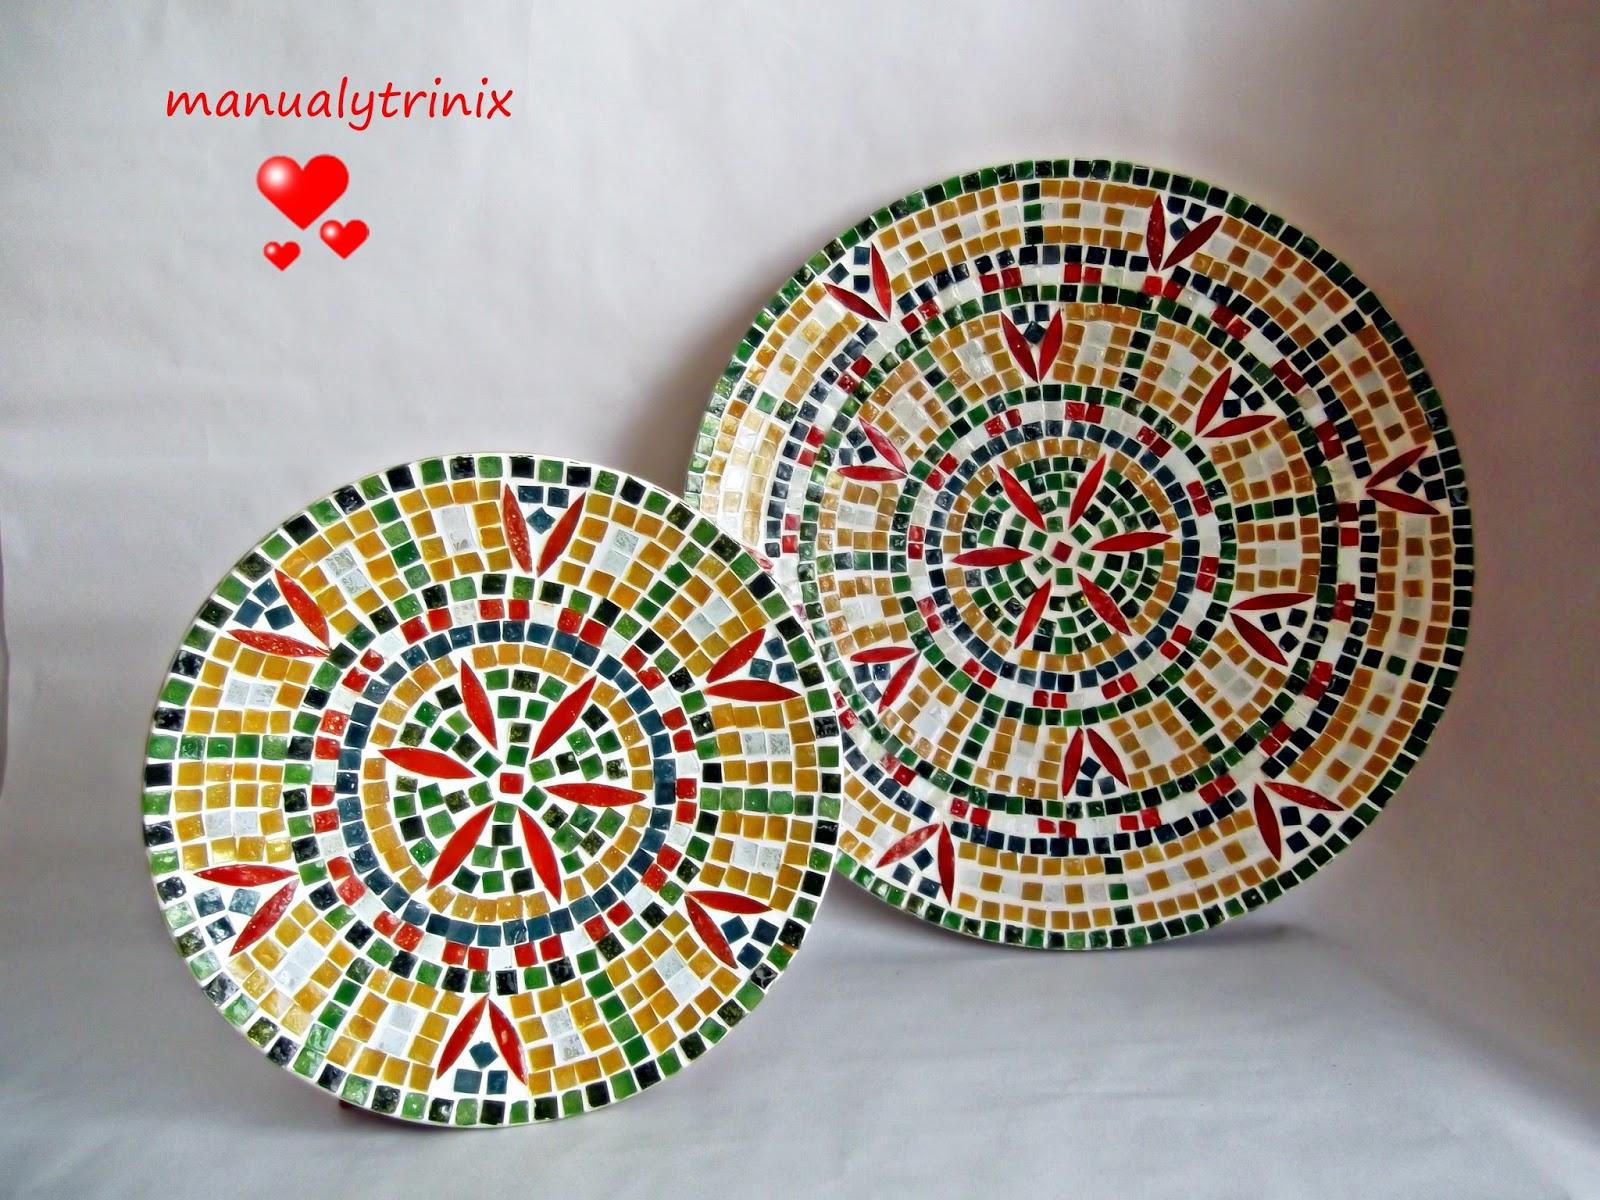 Manualidades manualytrinix decoracion de objetos con cds for Cd reciclados decoracion